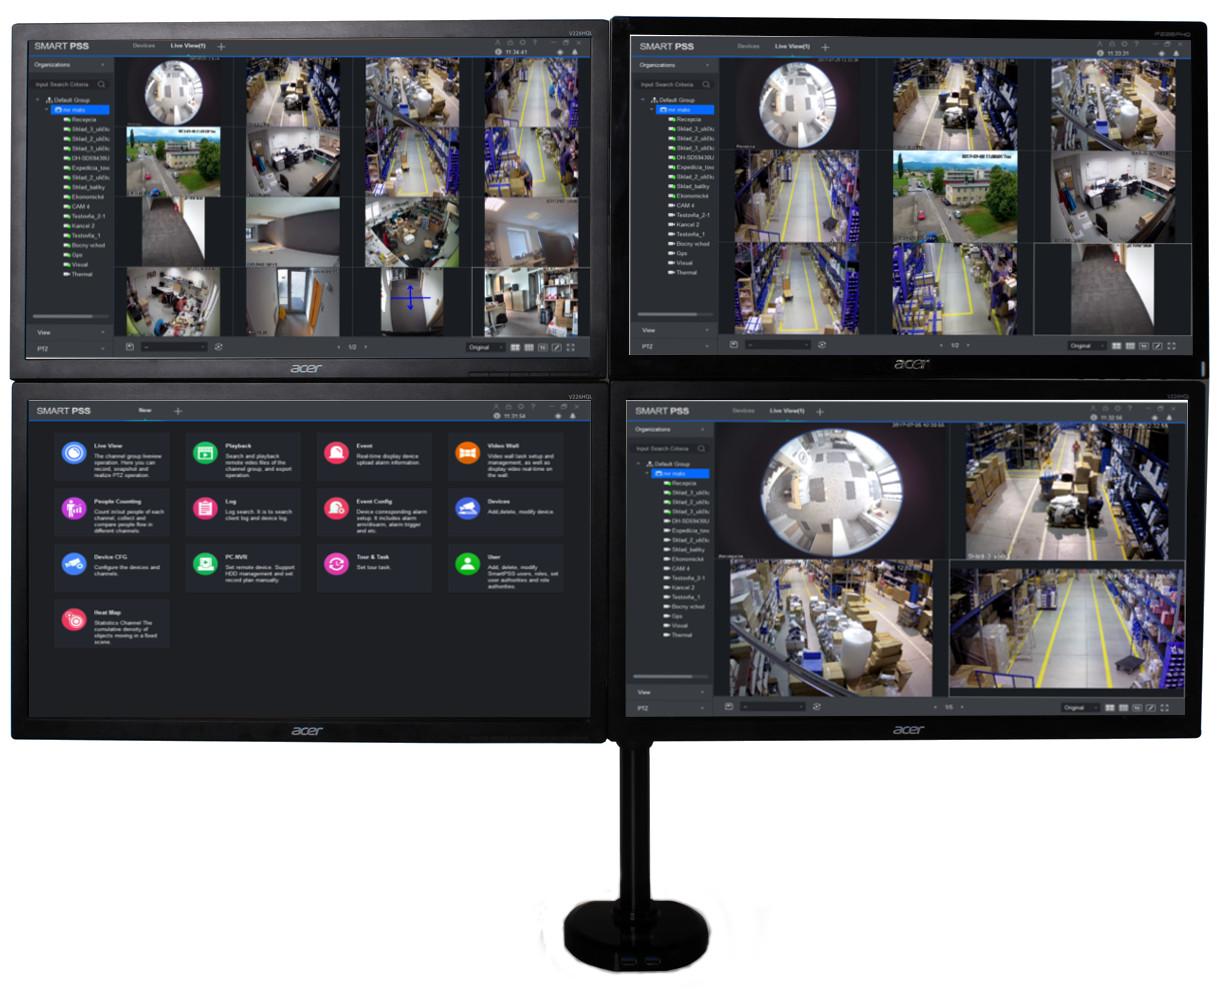 Připojte více monitorů k počítači